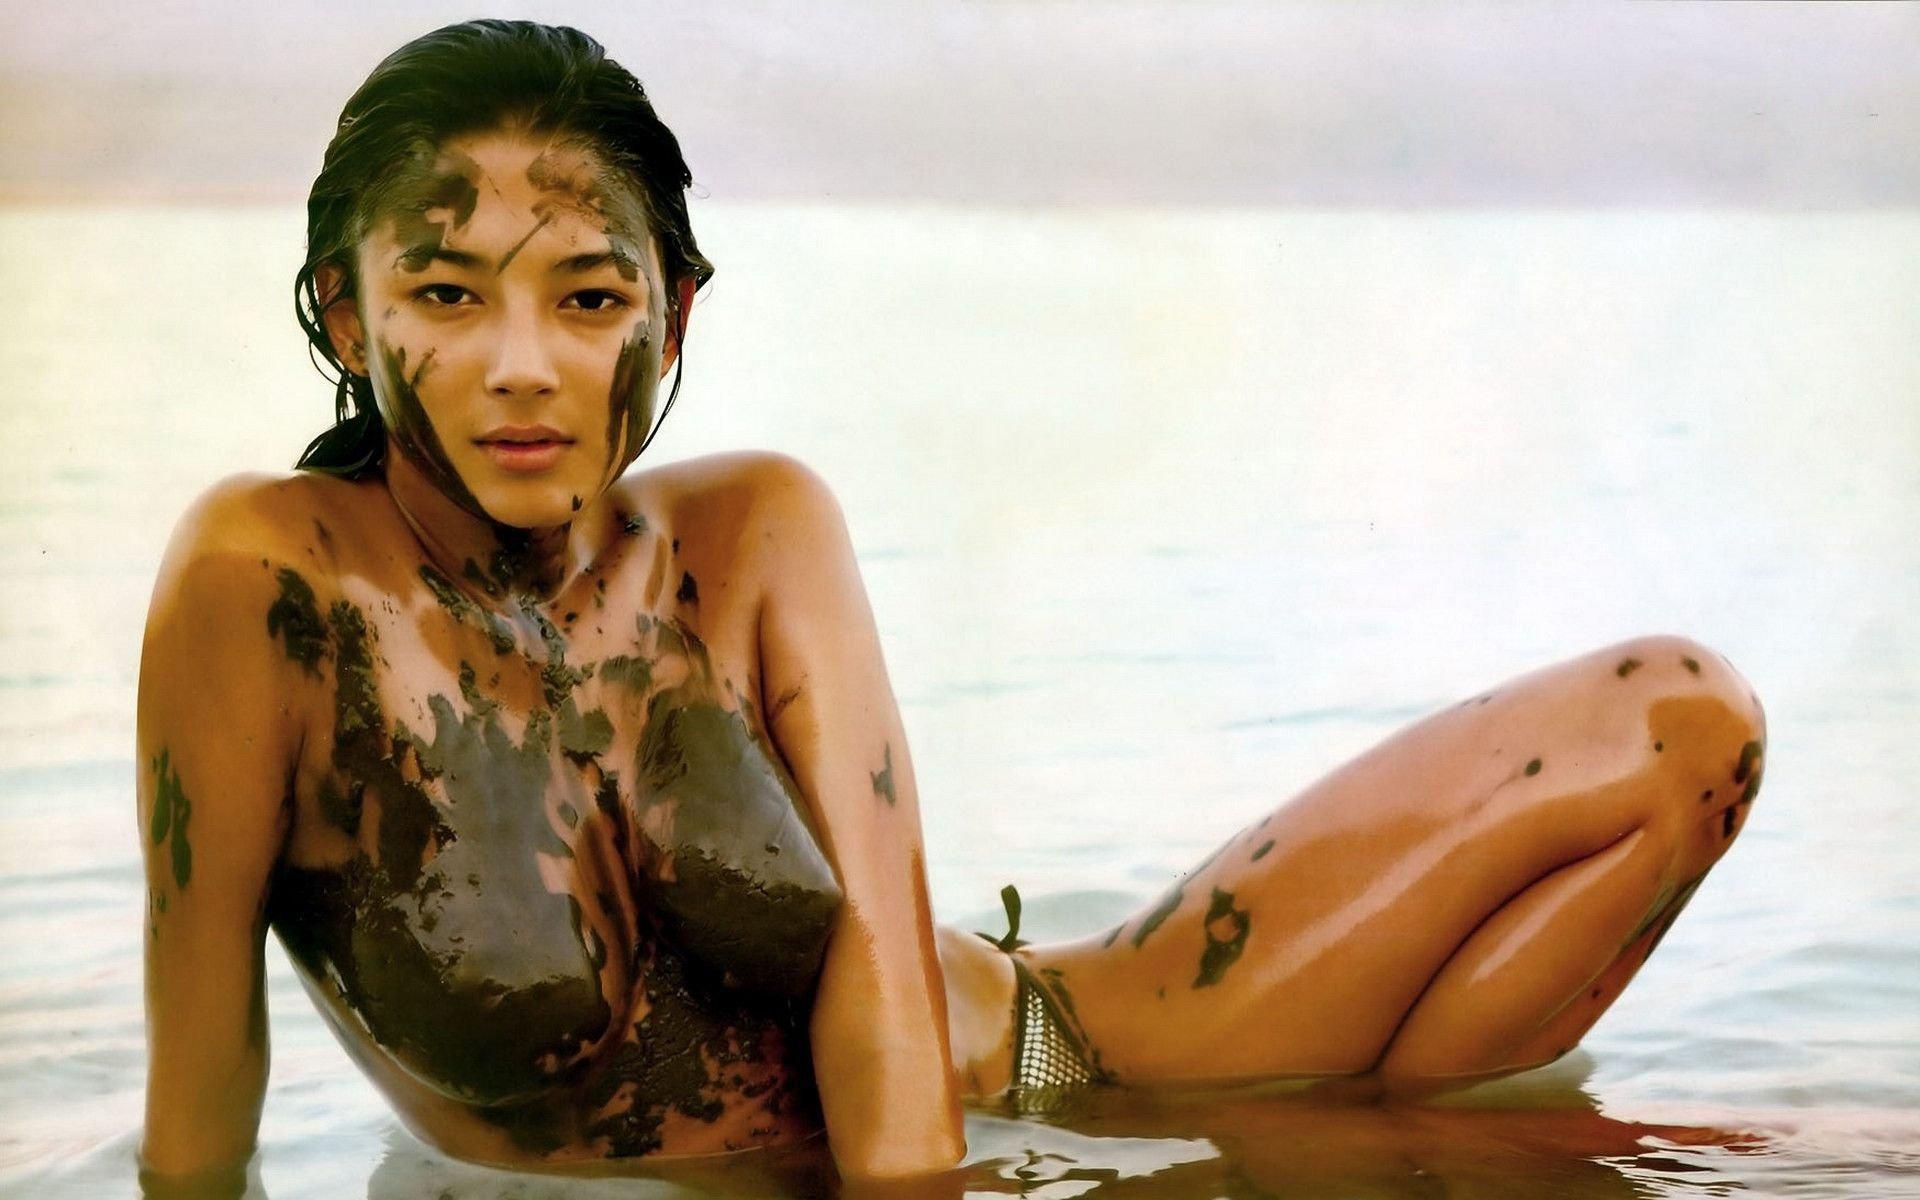 Pity, nudism blog fkk congratulate